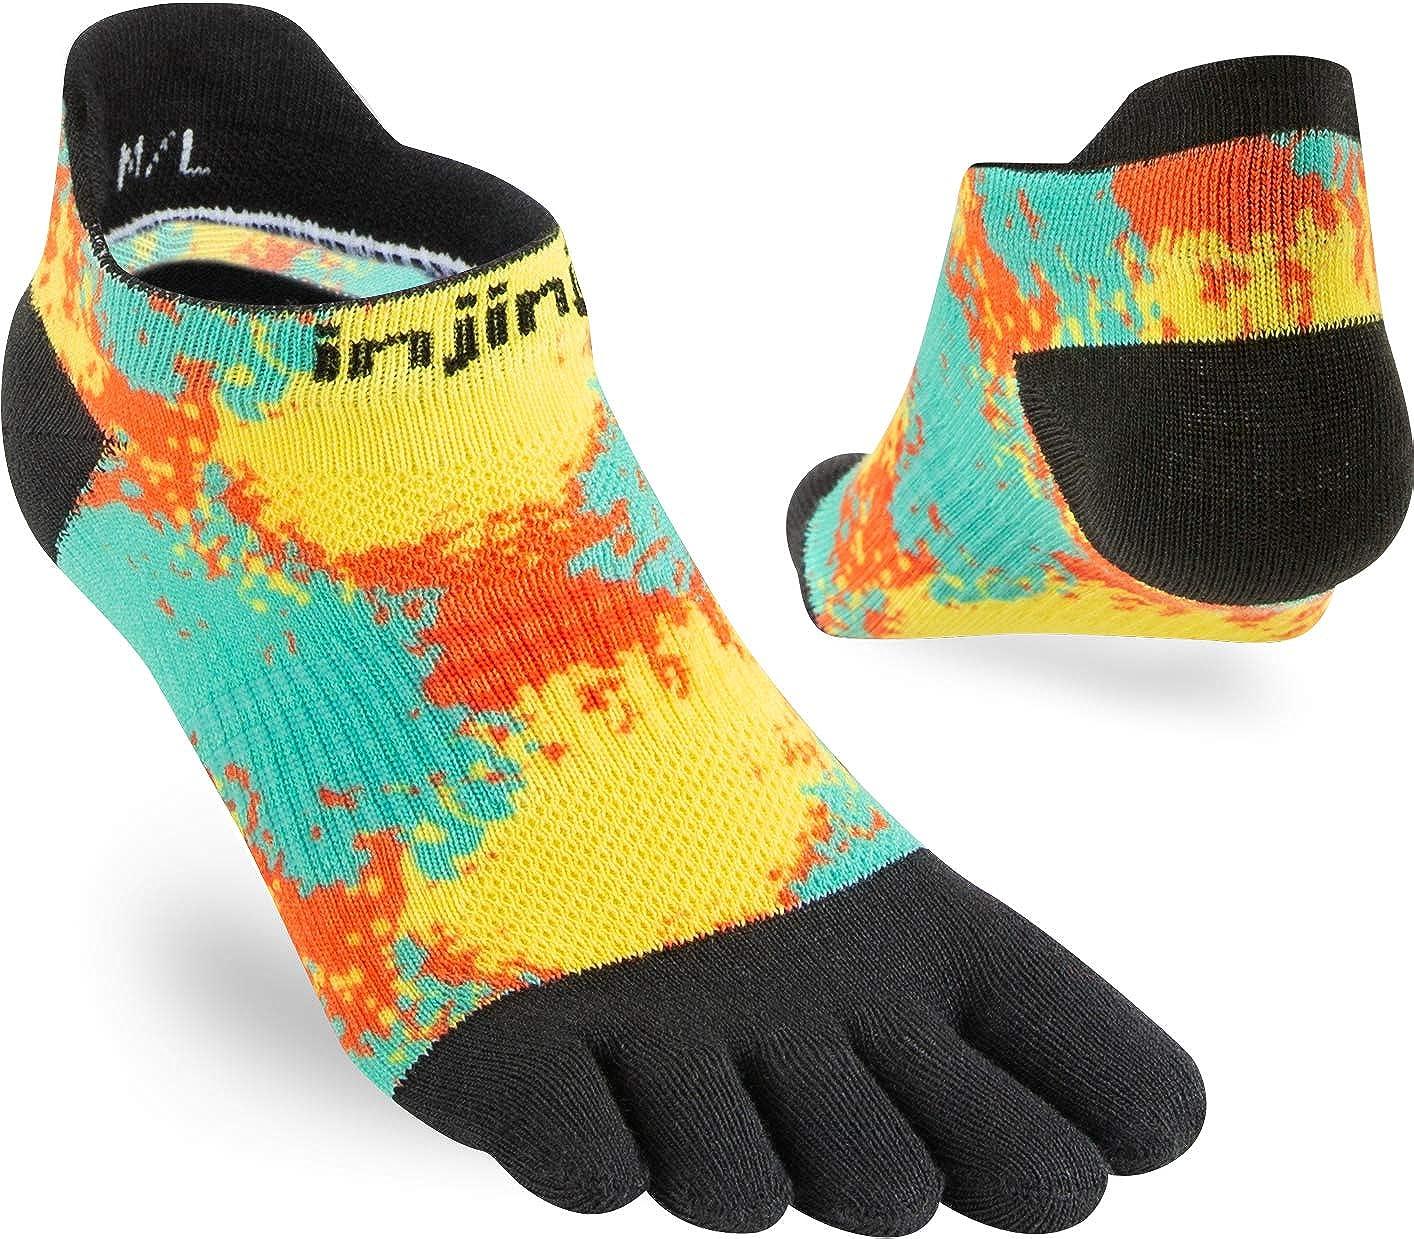 Injinji - Zapatillas de correr para mujer: Amazon.es: Ropa y accesorios